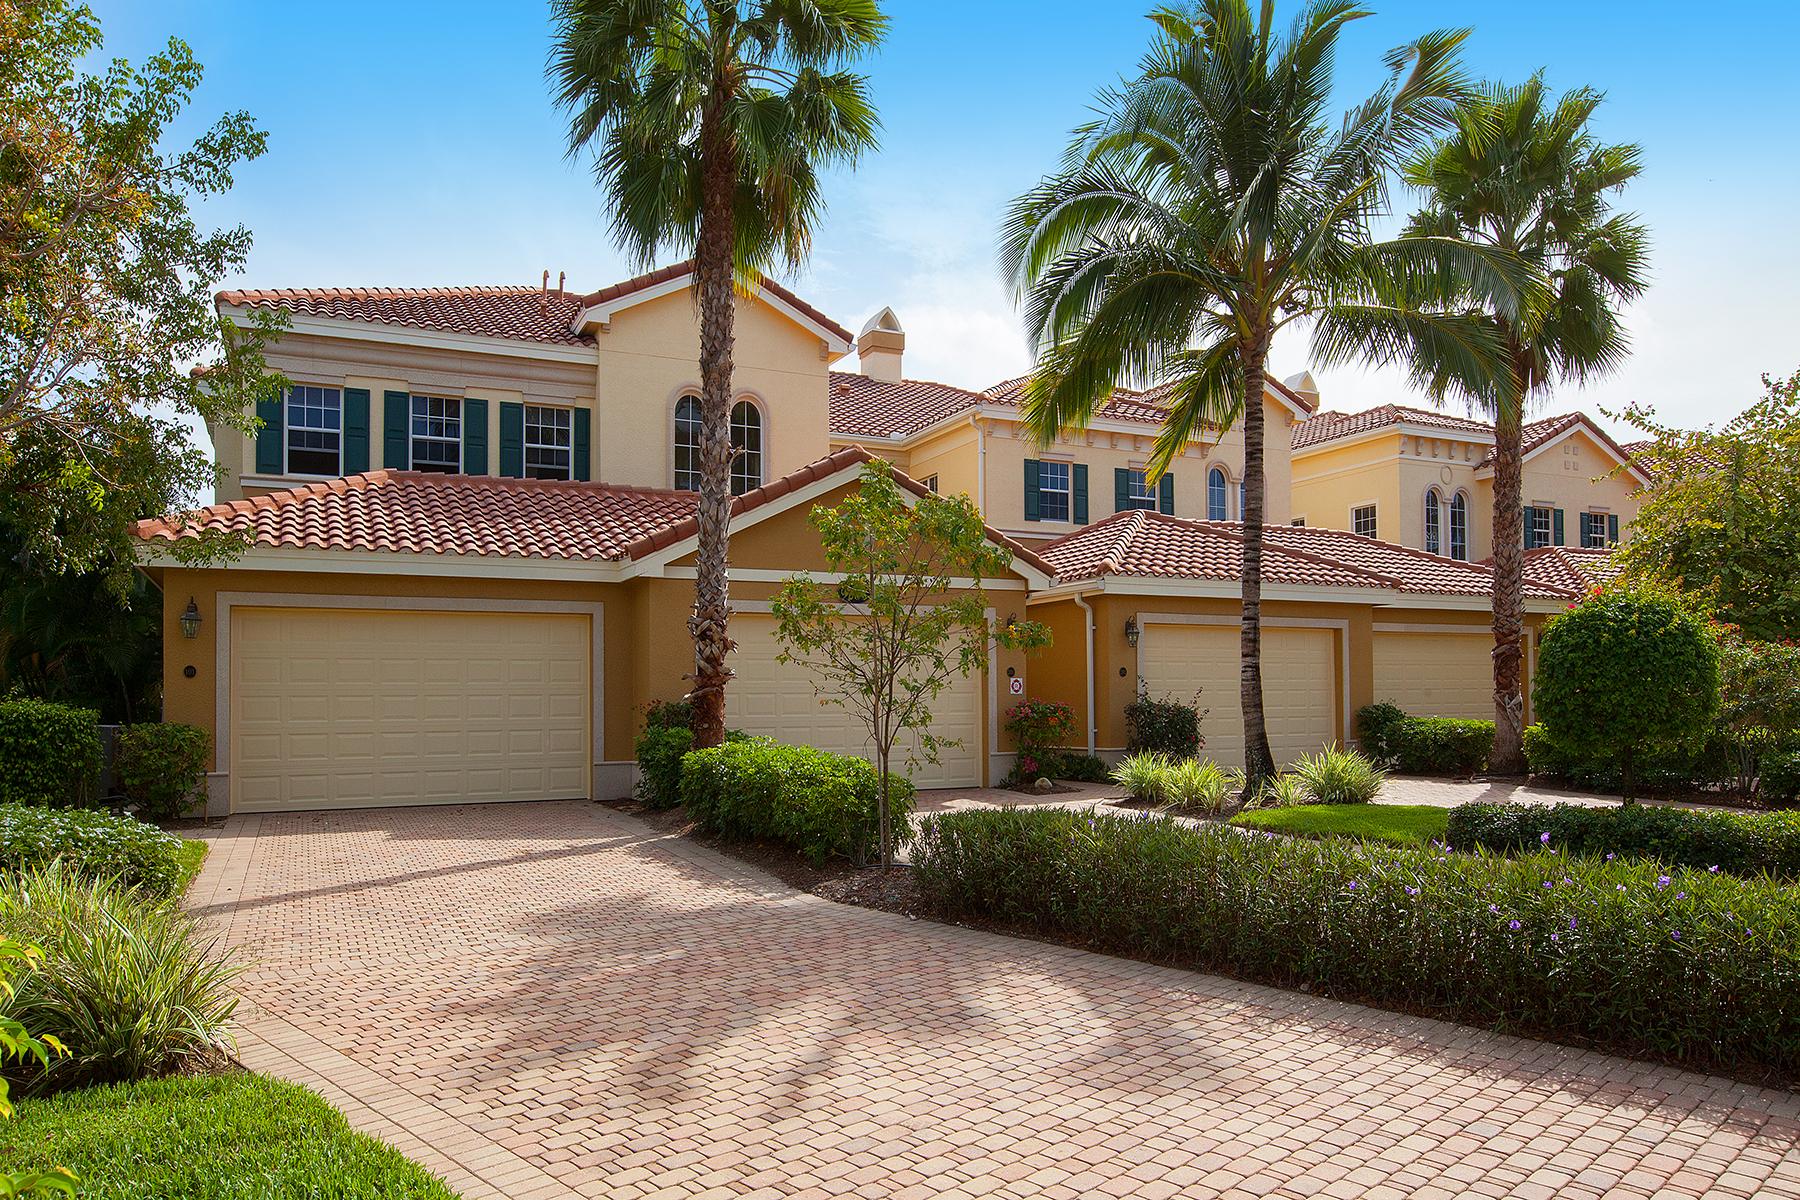 Eigentumswohnung für Verkauf beim FIDDLER'S CREEK - LAGUNA 9283 Museo Cir 201 Naples, Florida, 34114 Vereinigte Staaten